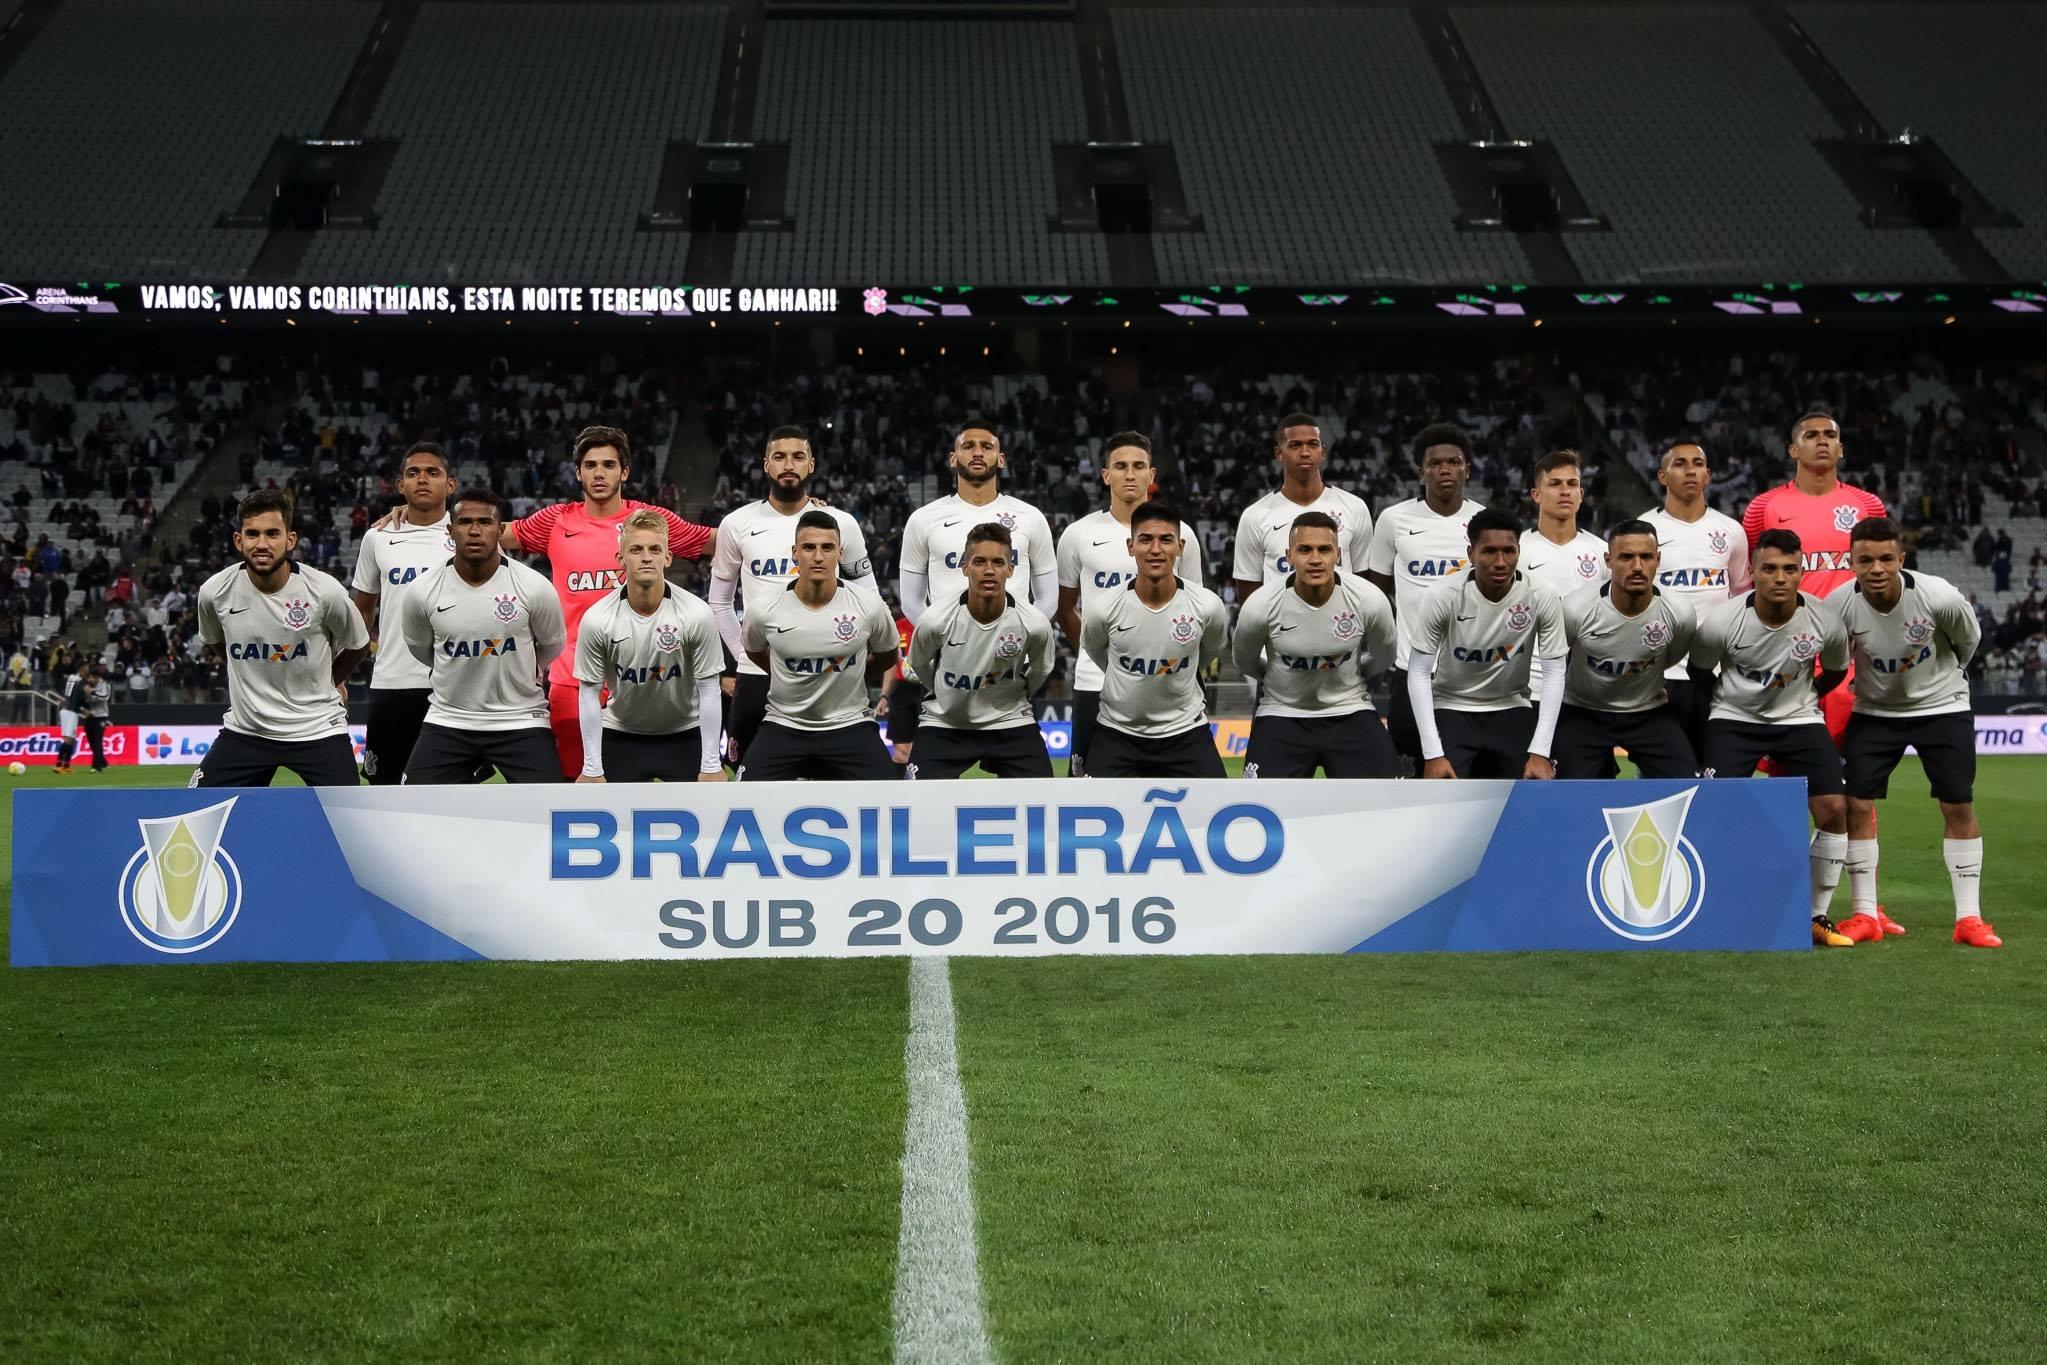 Corinthians - Brasileirão Sub 20